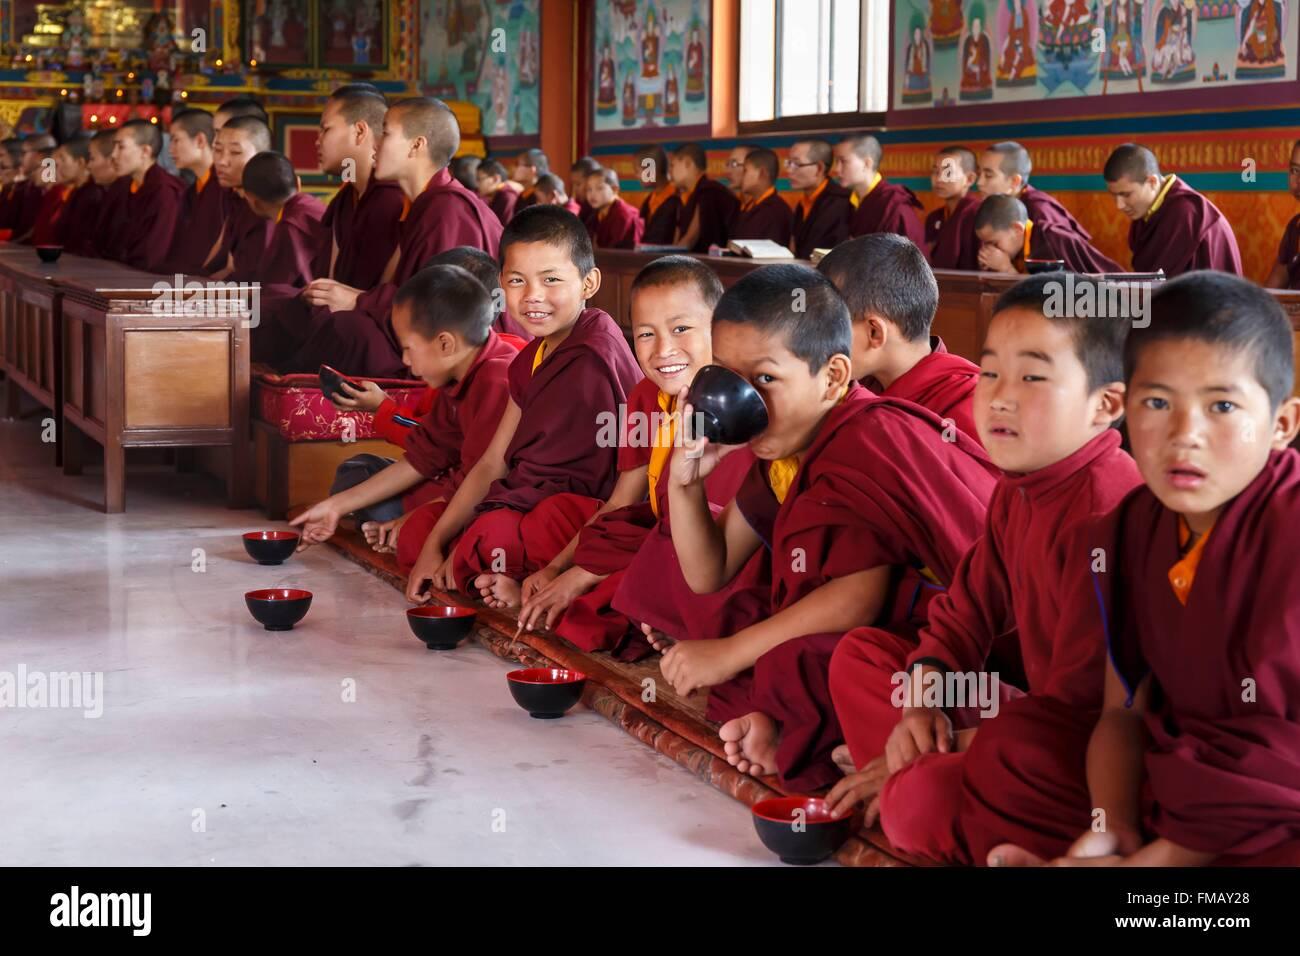 Le Népal, zone Bagmati, Nala, jeunes moines boire du lait café au monastère bouddhiste Dhagpo Sheydrub Photo Stock